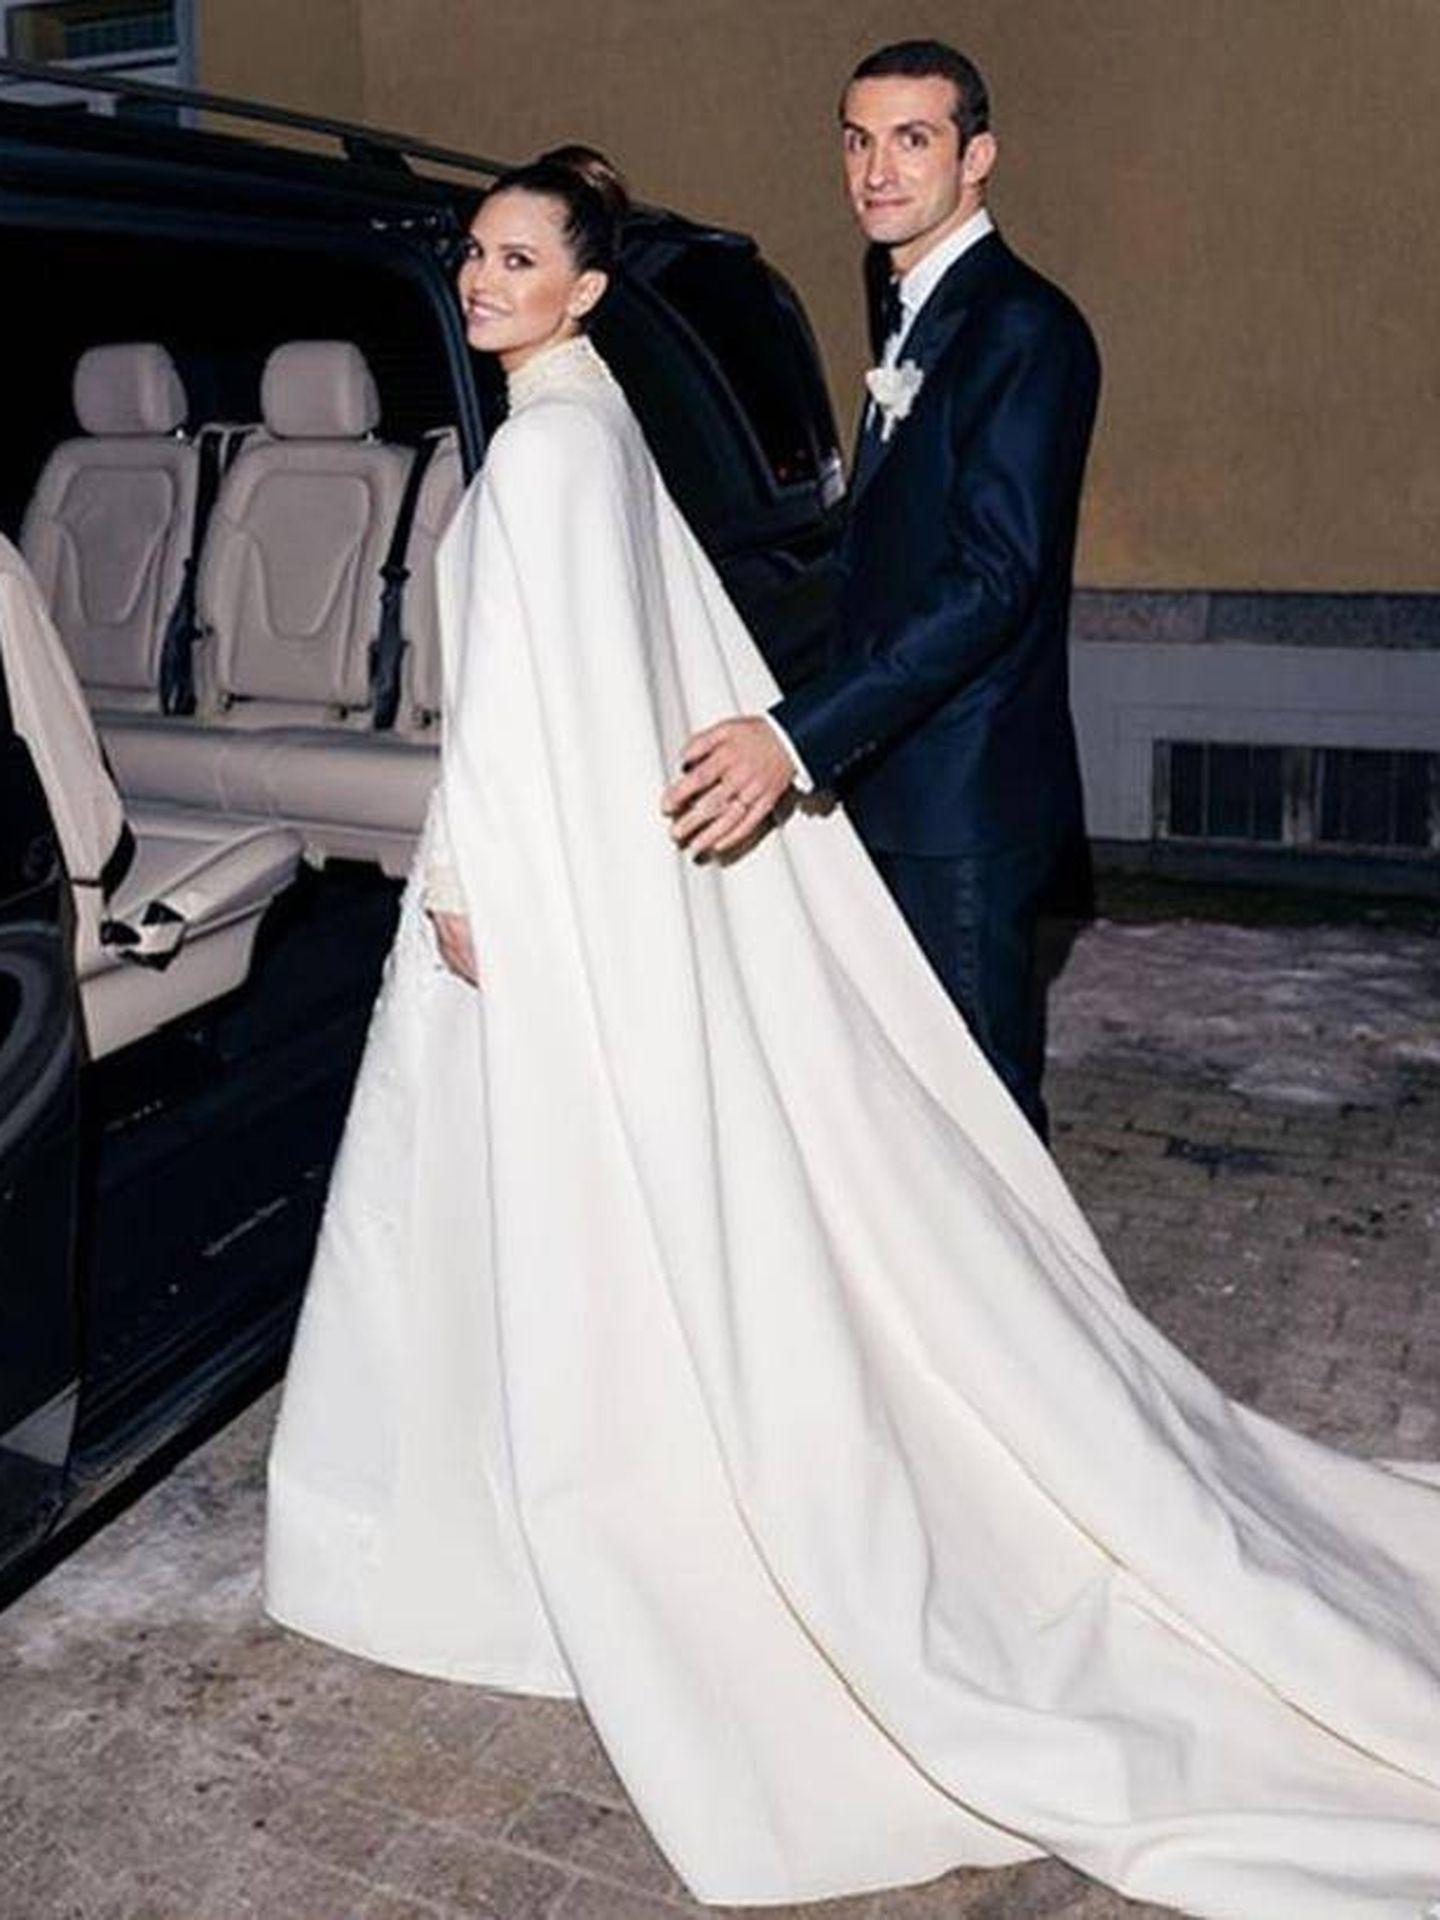 Los novios, Dasha Zhukova y Stavros Niarchos III. (Instagram)